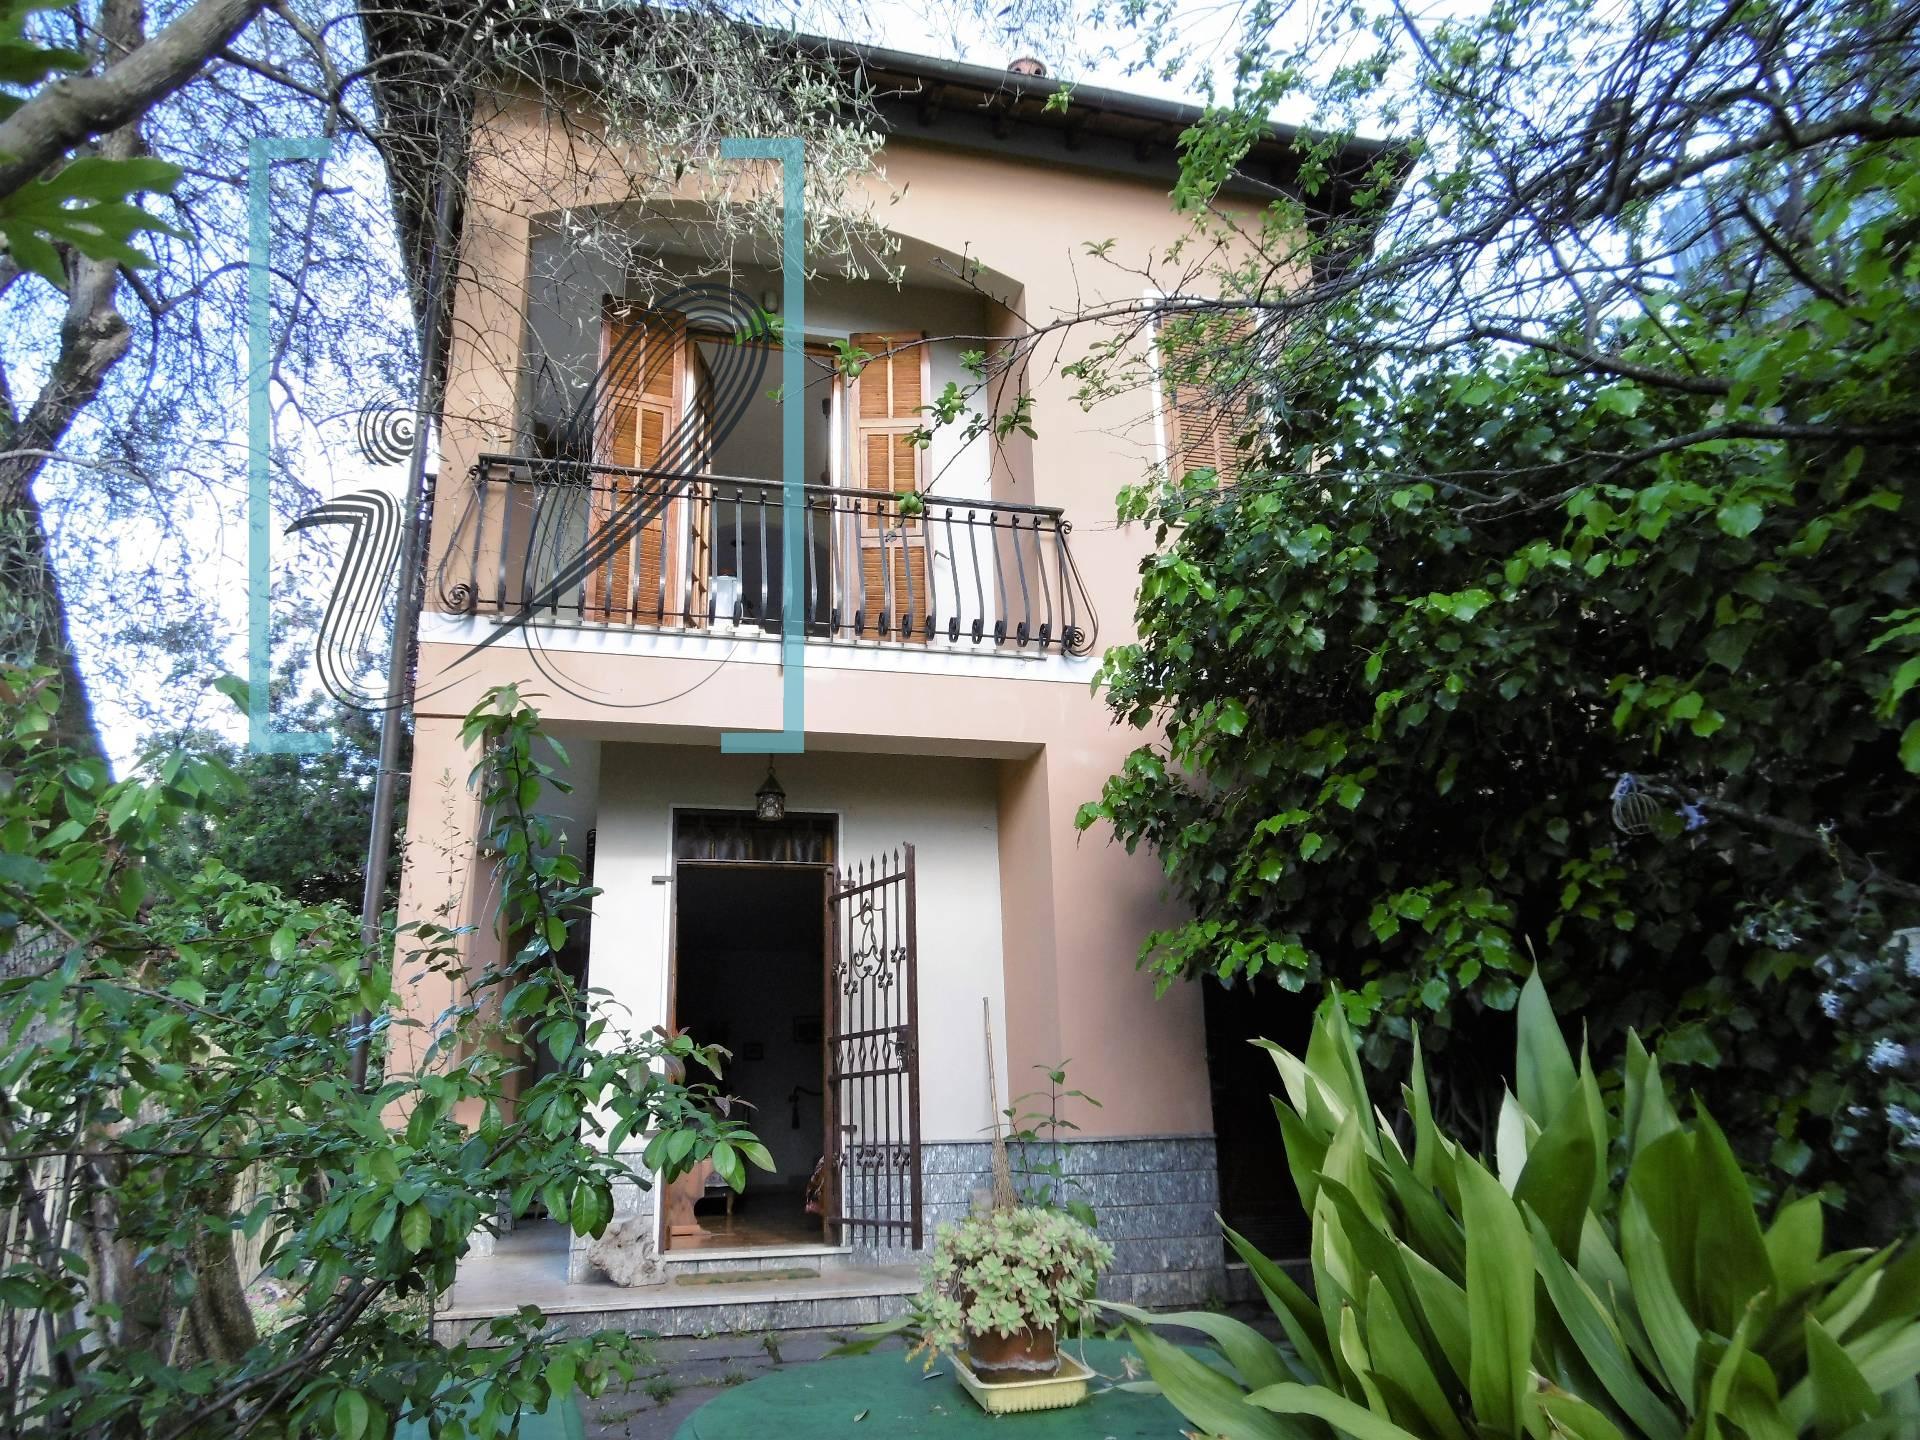 Villa in vendita a Ranzo, 4 locali, prezzo € 110.000 | Cambio Casa.it